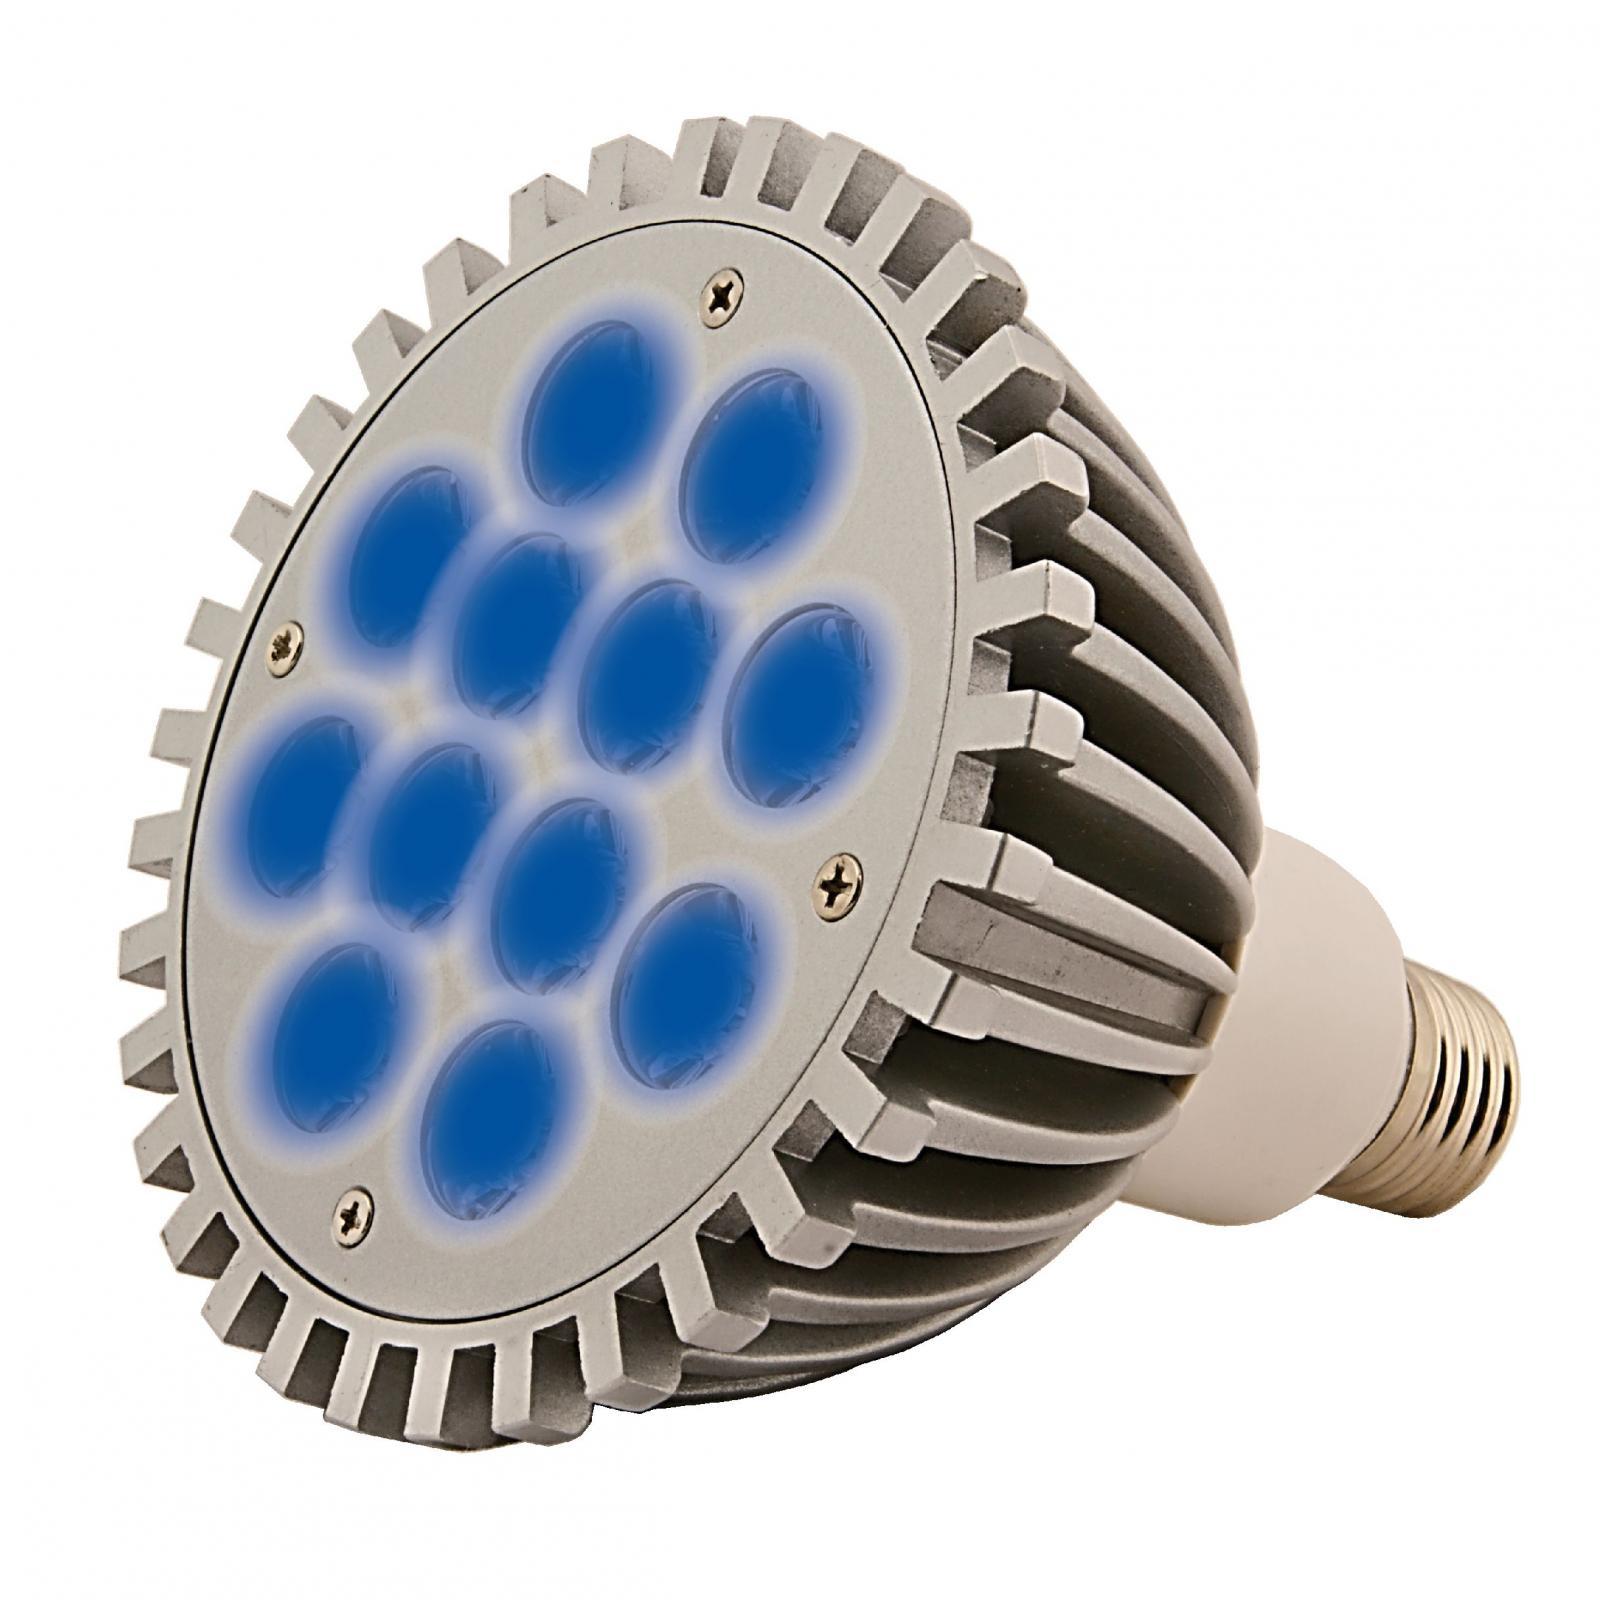 AQUA MEDIC AquasunSpot 12 x 1W spot LED 230V 25000°k culot E27 pour l\'éclairage d\'aquarium d\'eau de mer